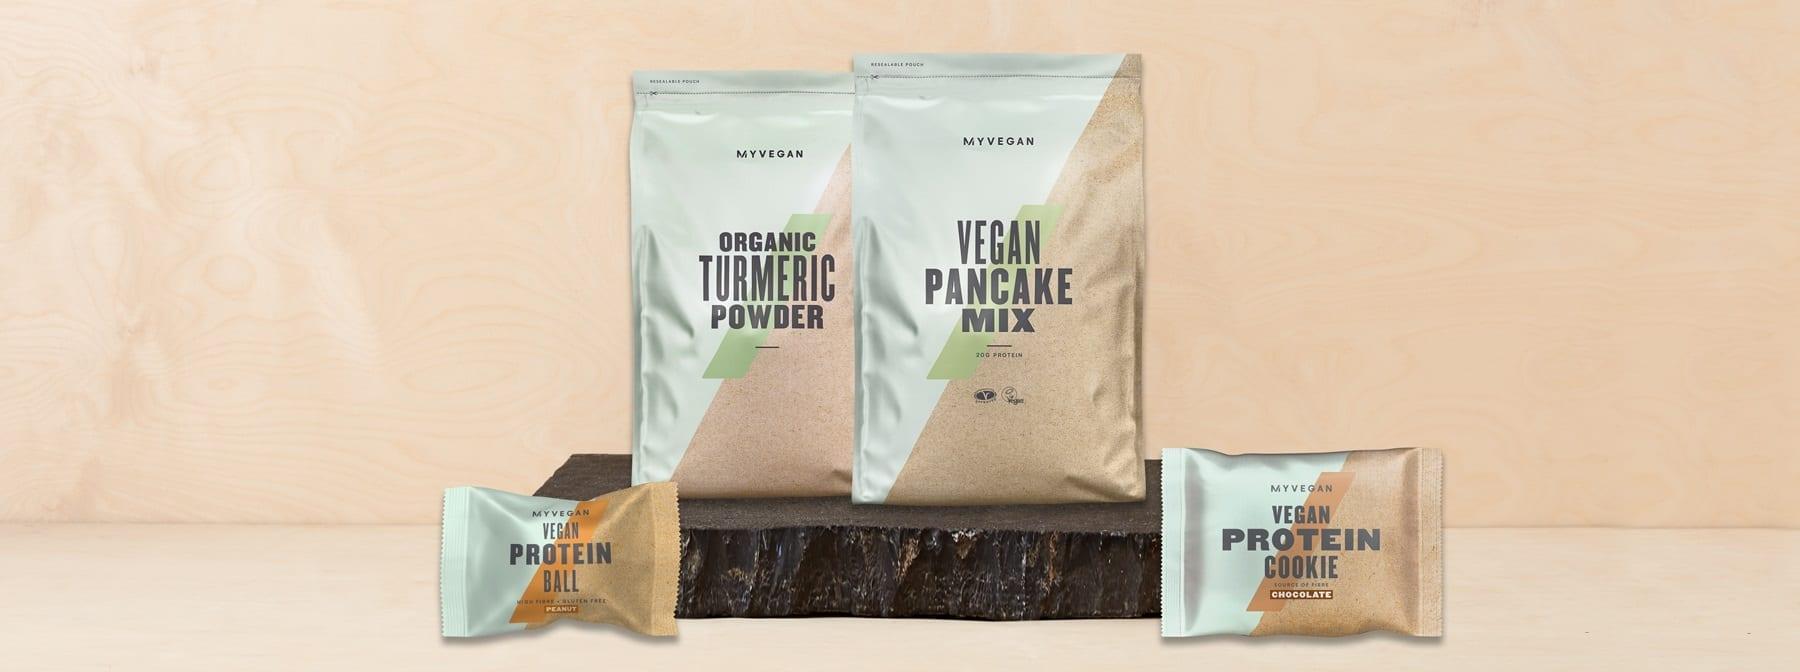 NUTRICIÓN | 4 suplementos veganos para mejorar tu alimentación